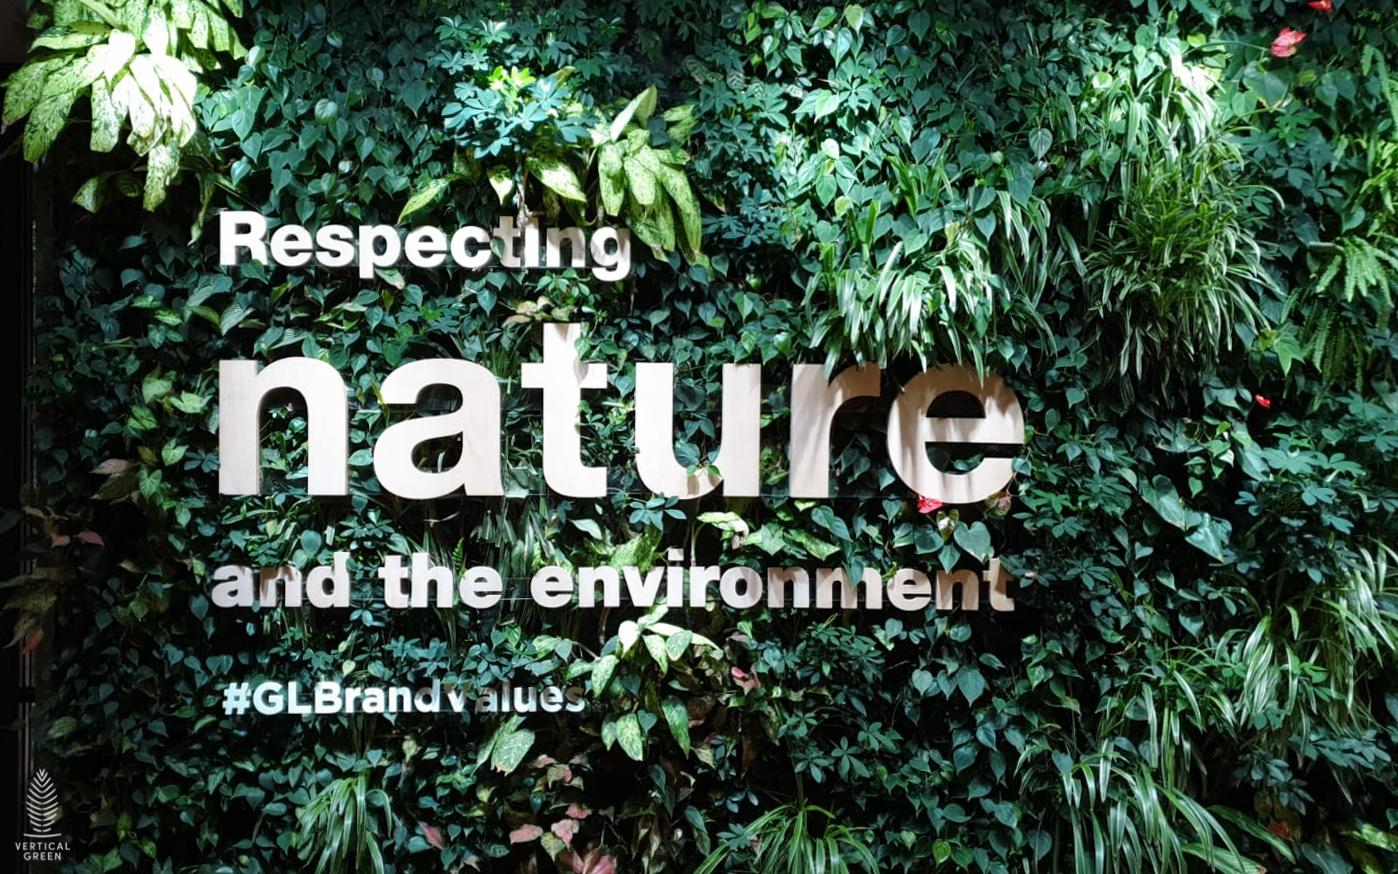 green wall at gamudaland malaysia